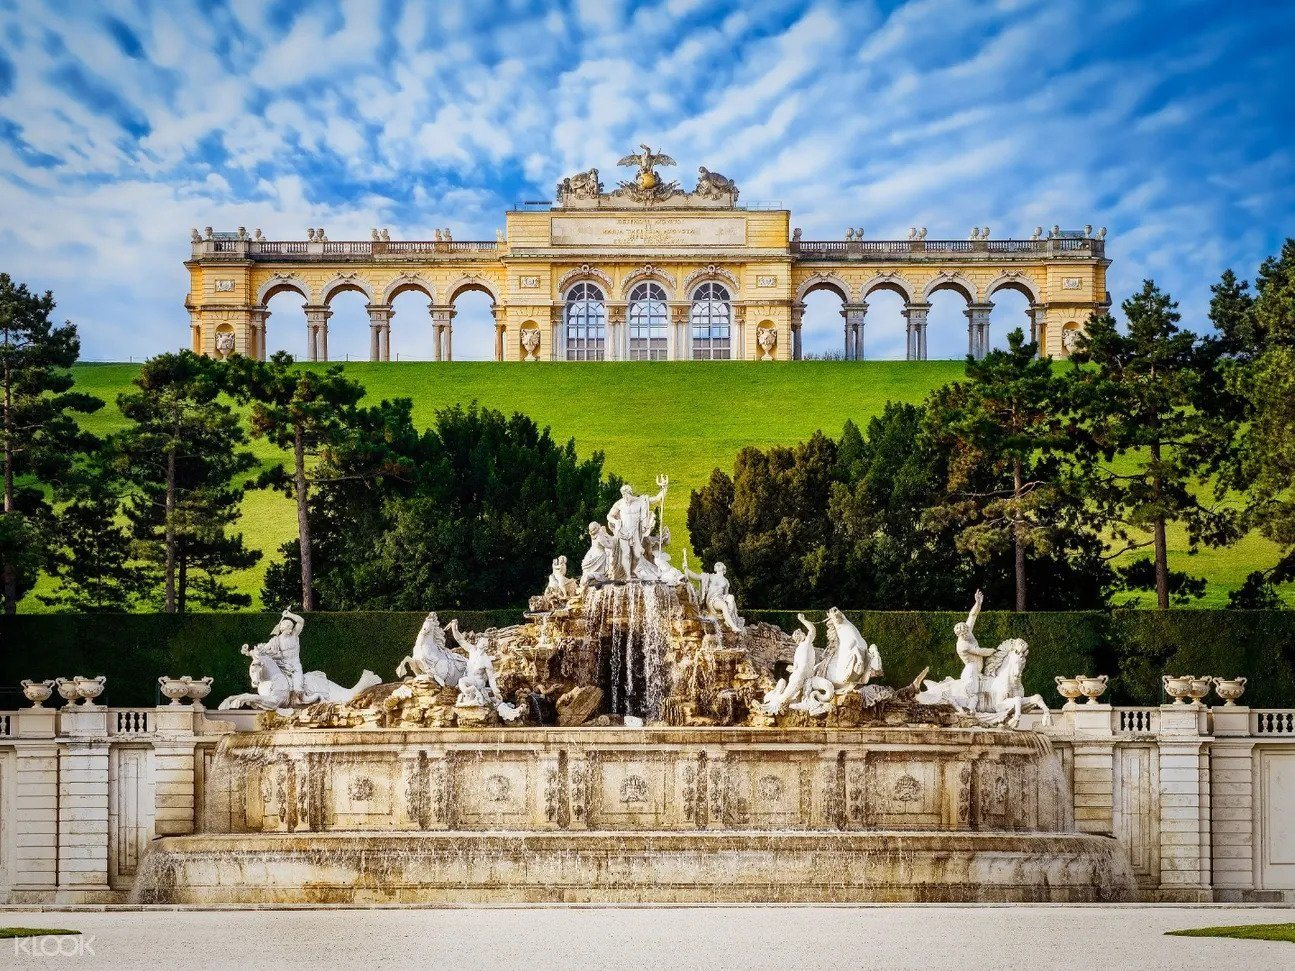 Schönbrunn Palace and Gardens